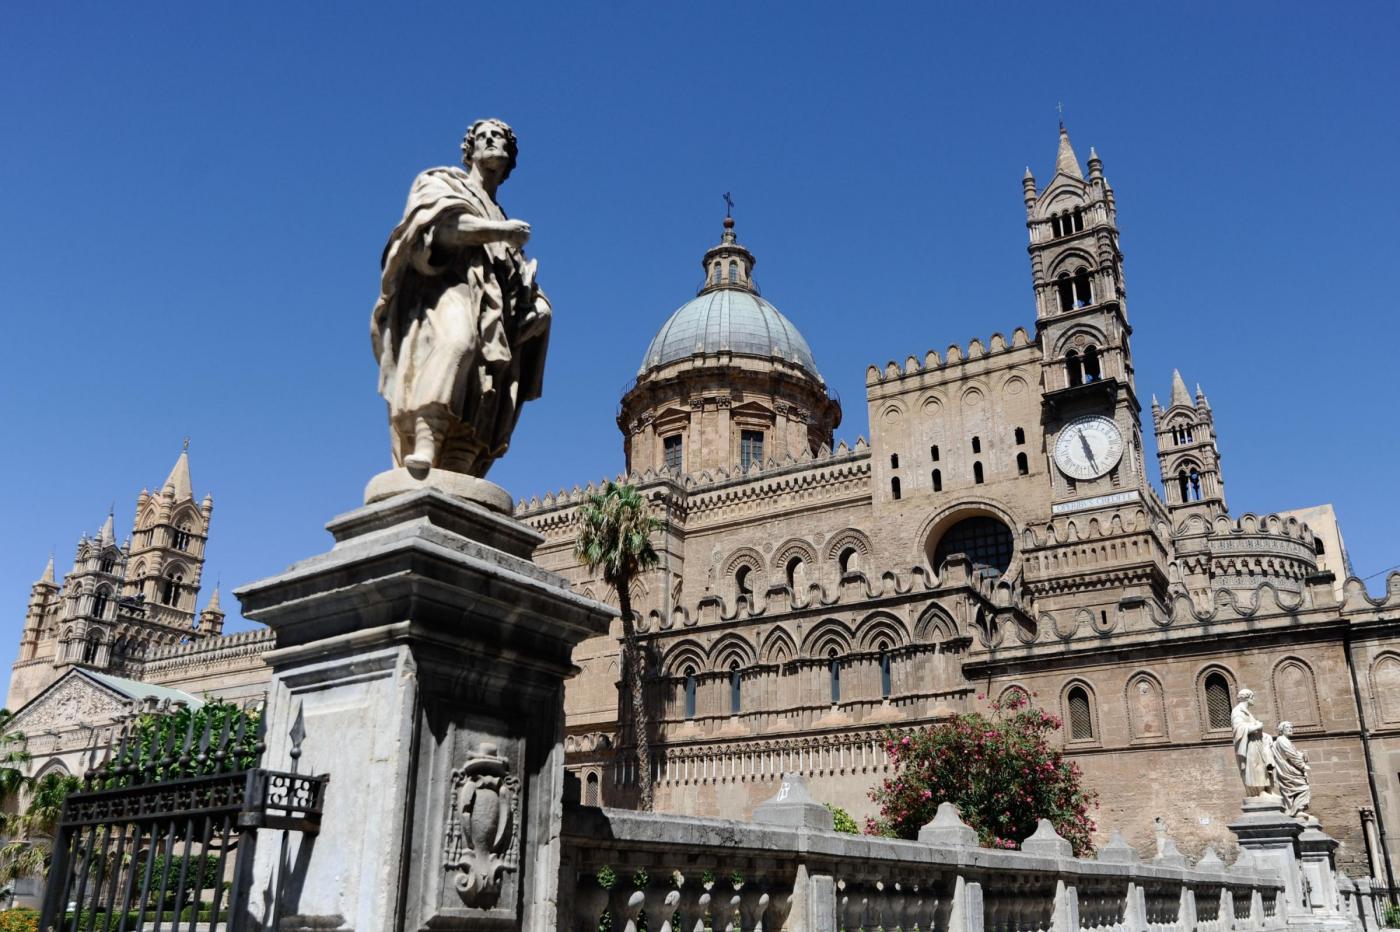 Capitale italiana della Cultura 2018: Palermo è la città vincitrice